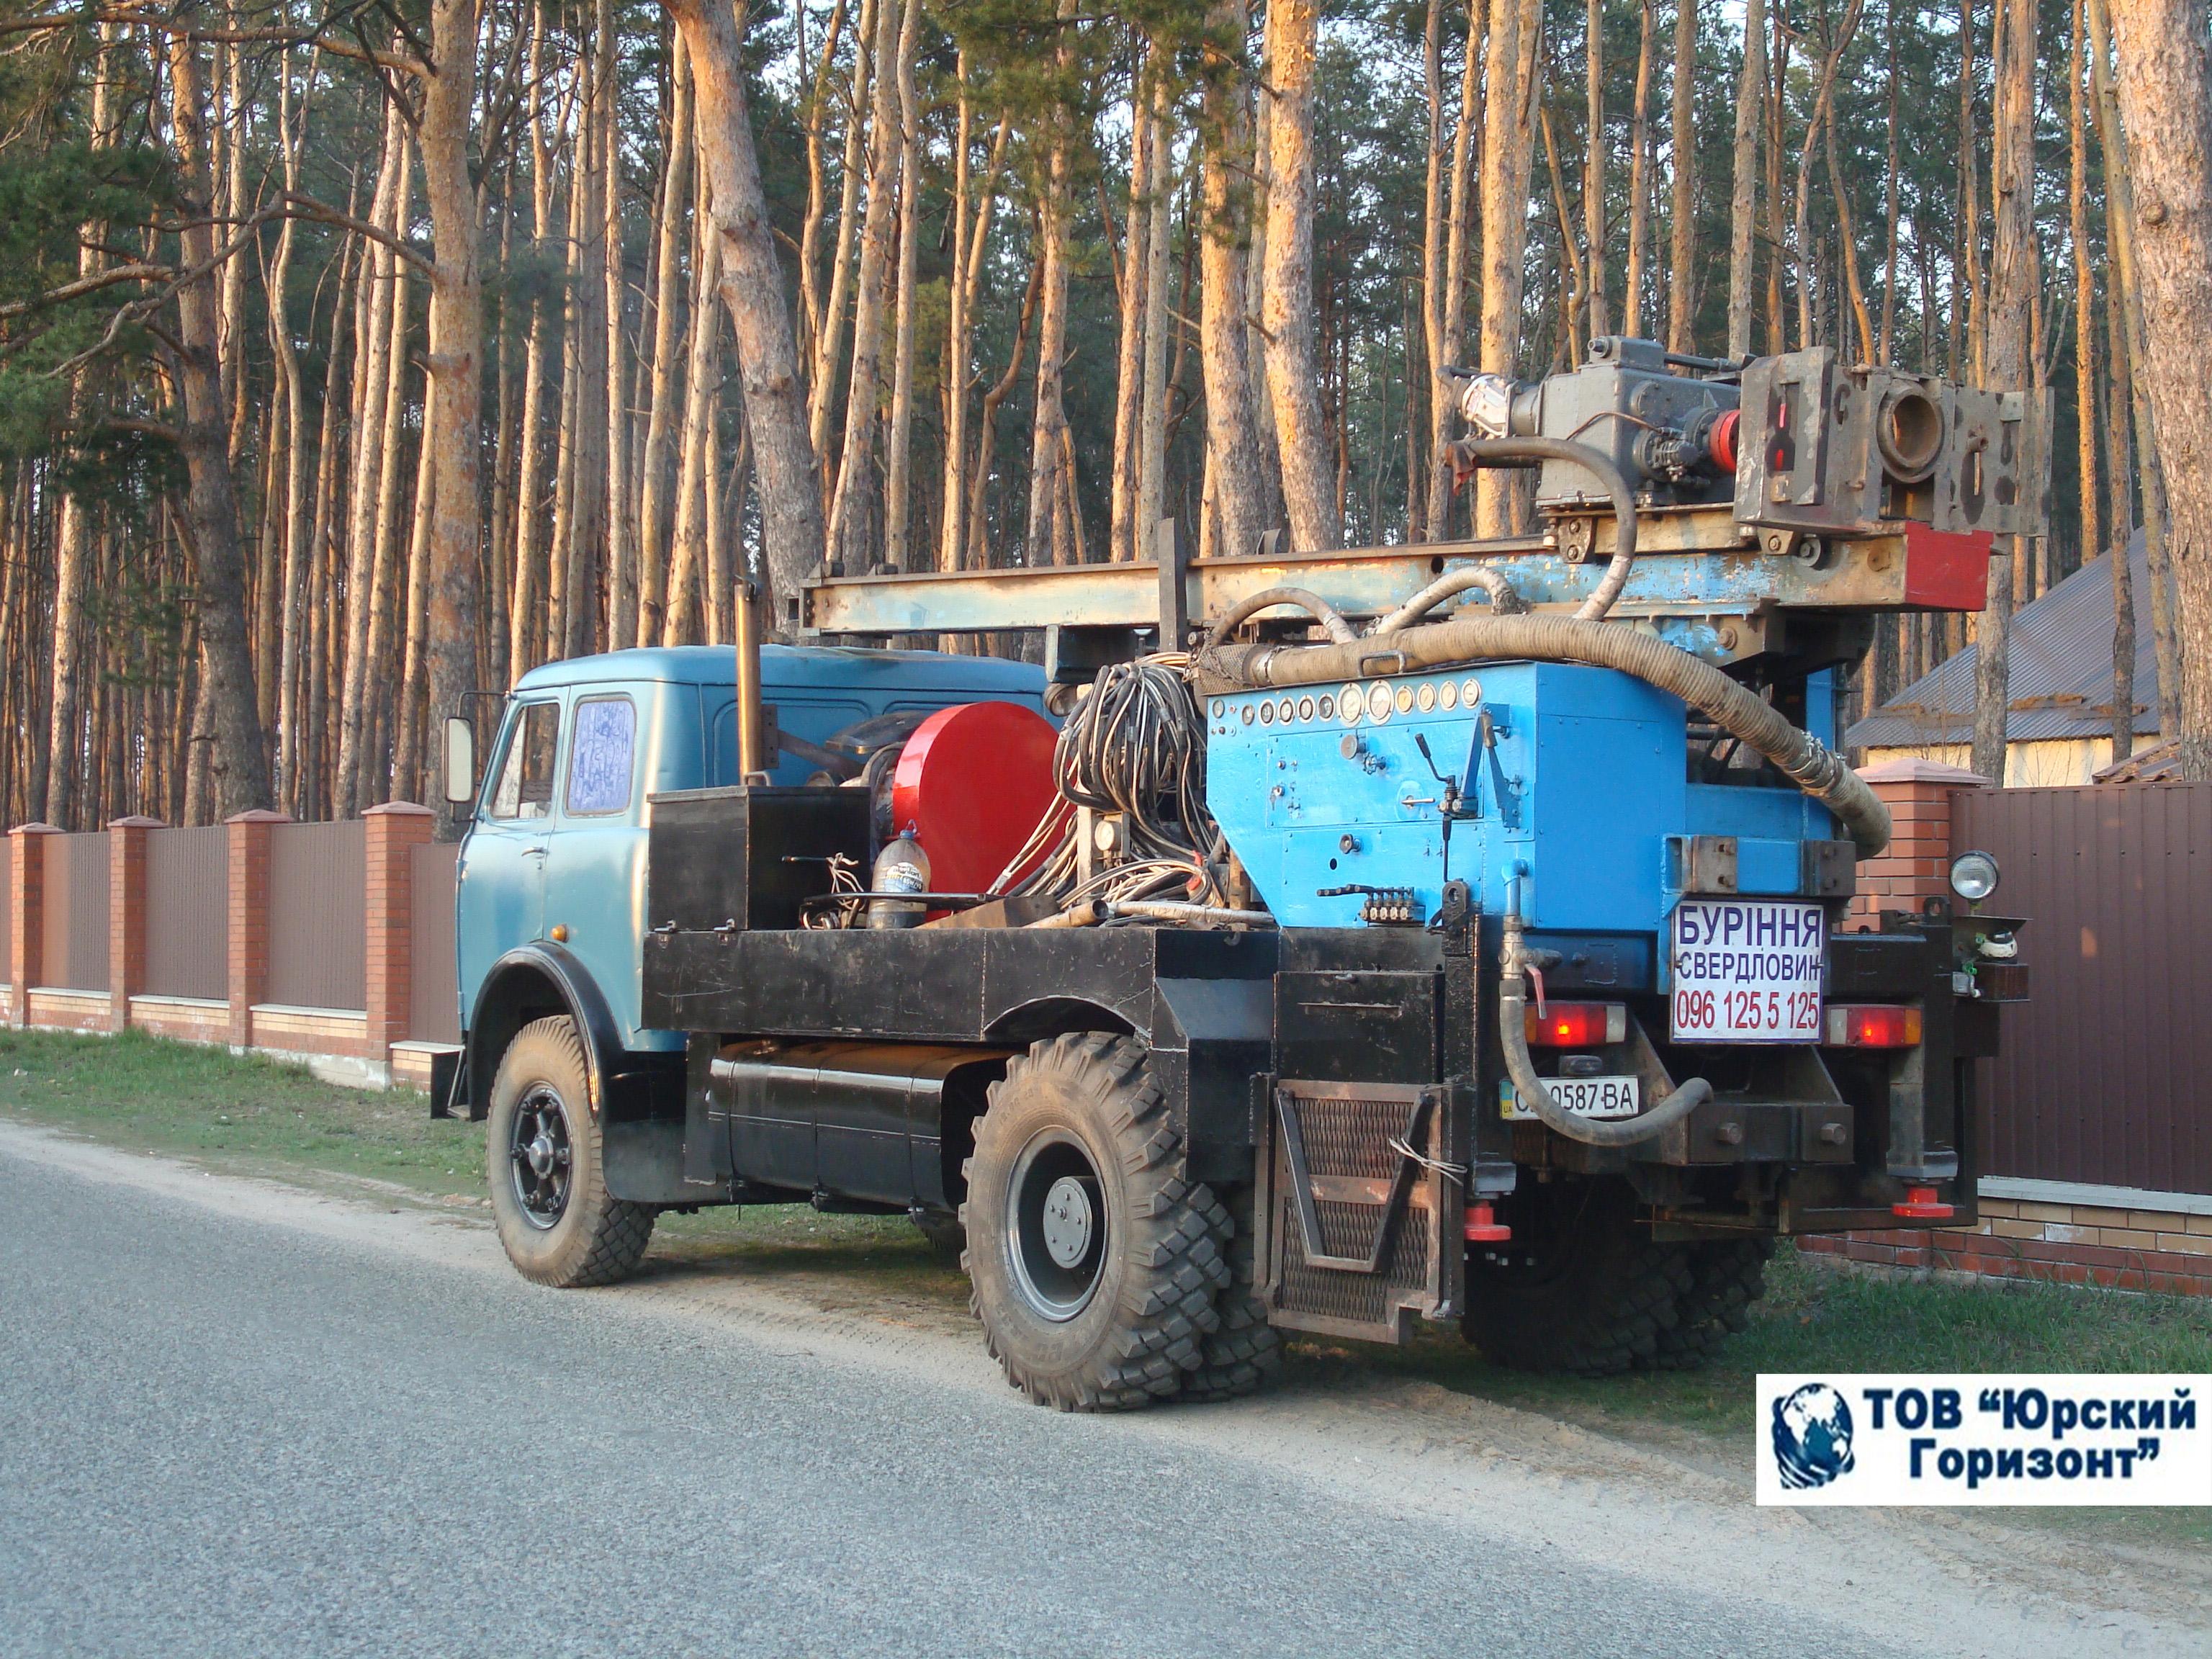 Бурение скважин у Ровно и Ровенской области